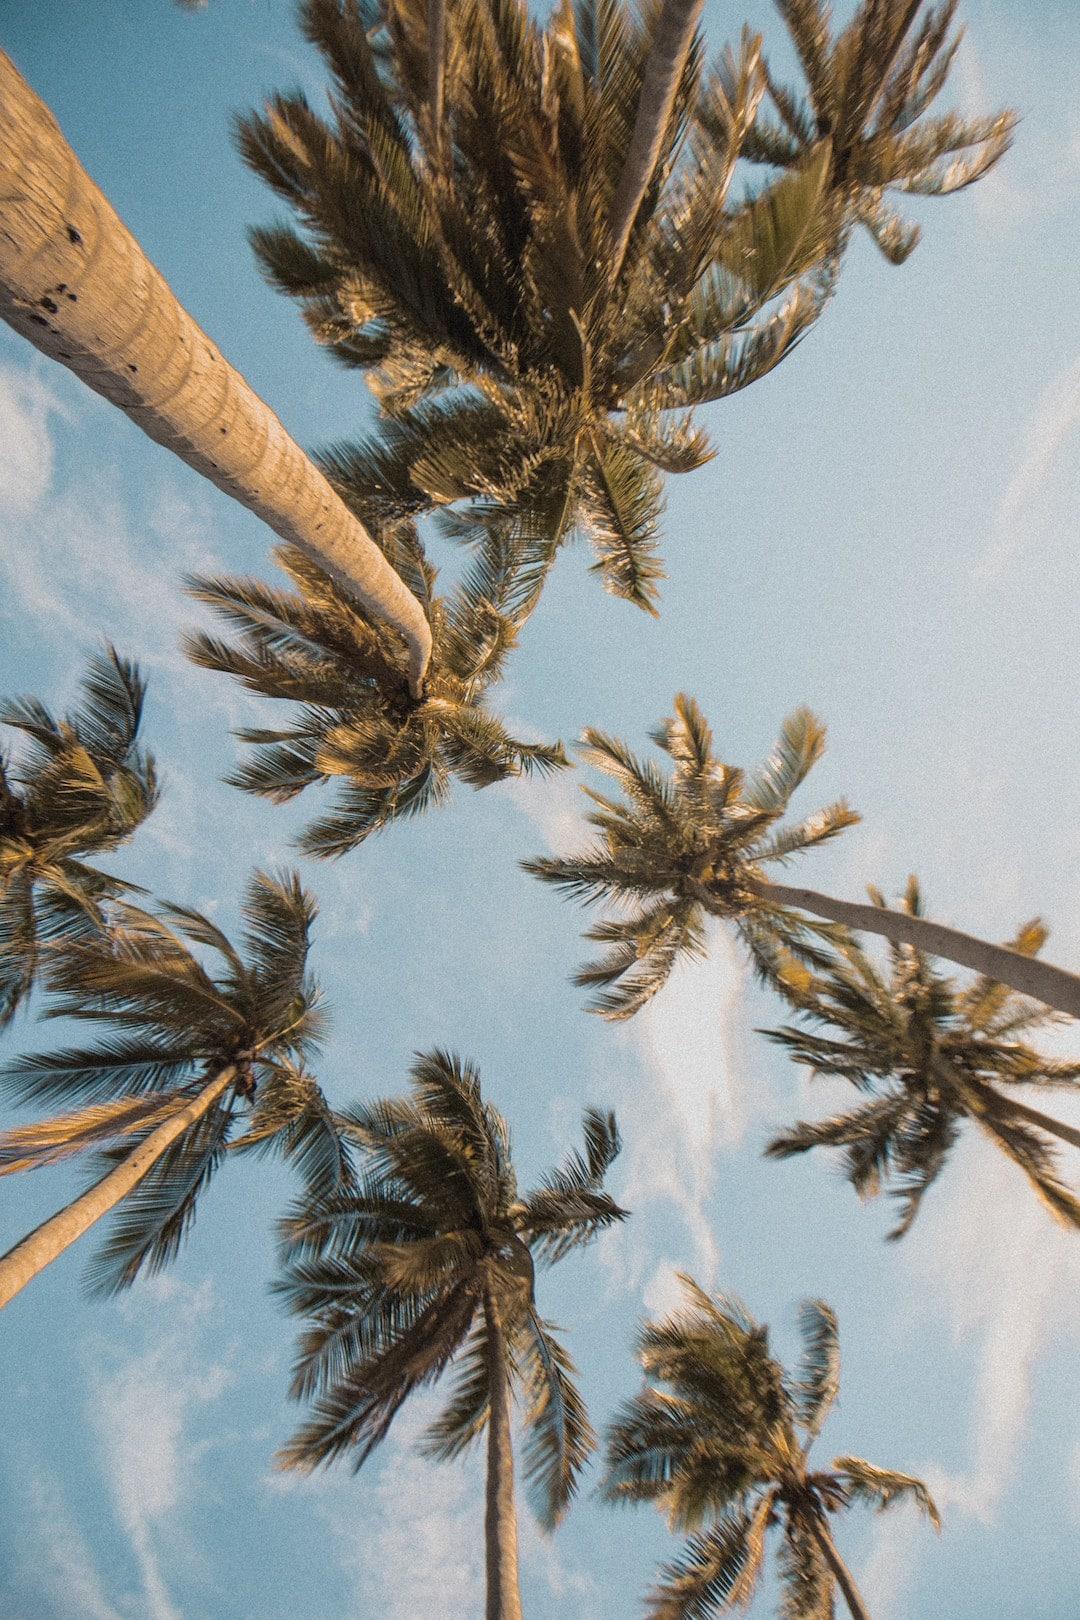 10-Best-Summer-Beauty-tips